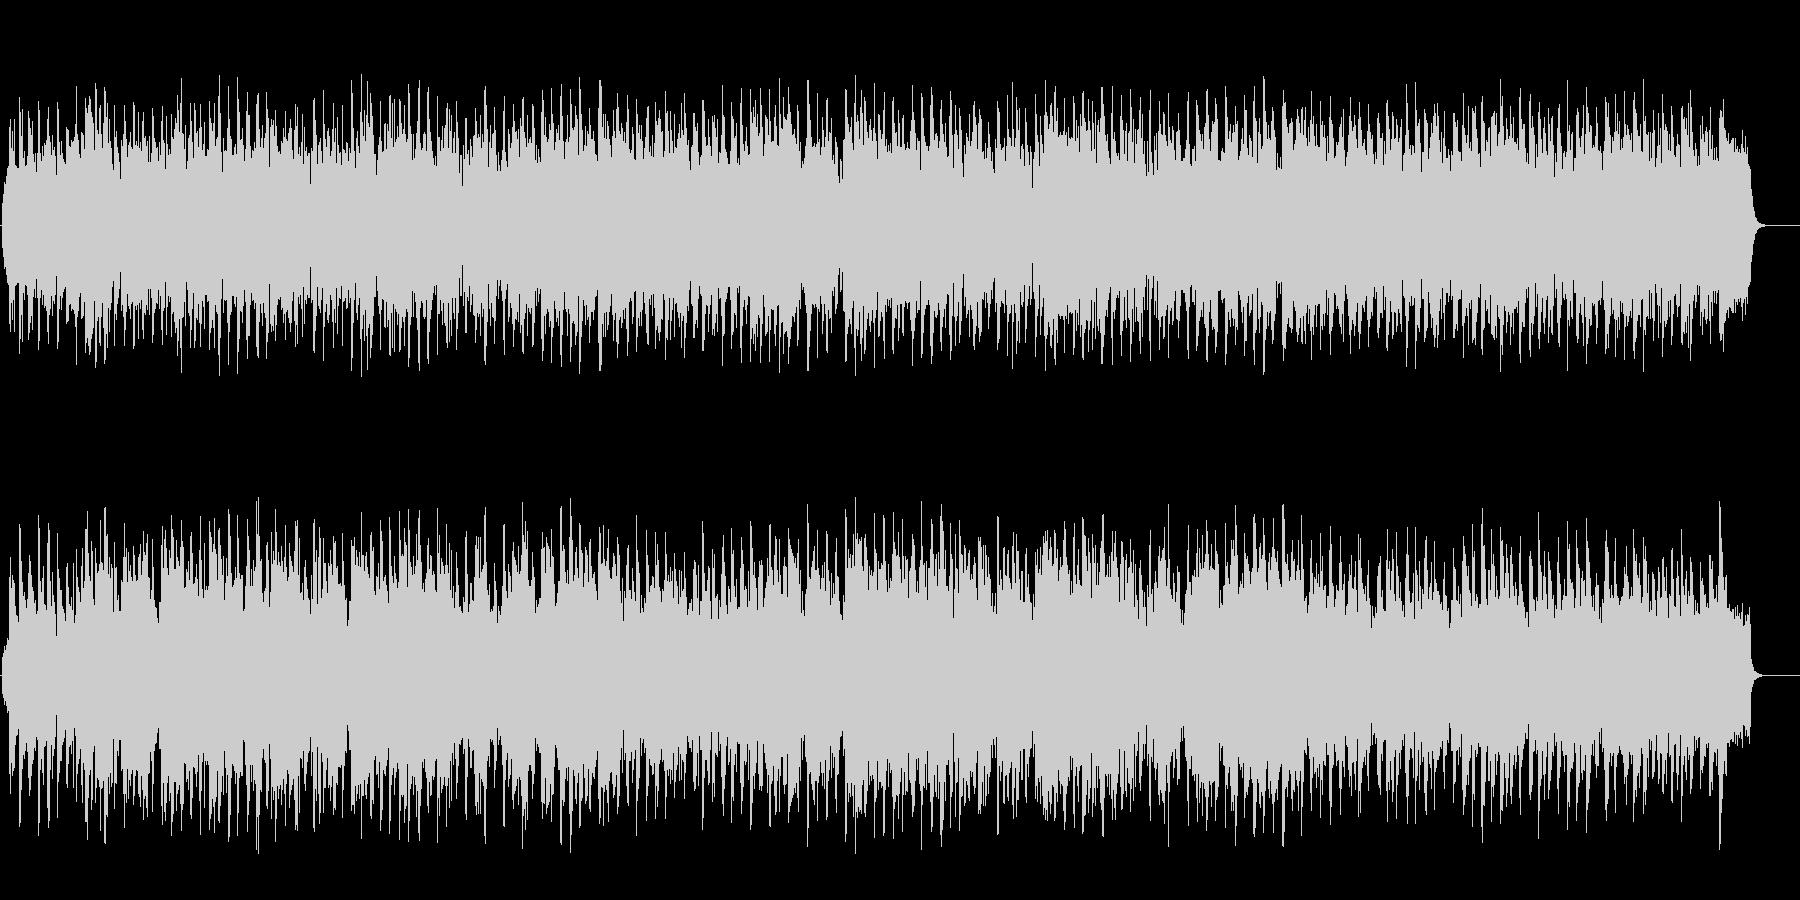 穏やかなセミクラ風ポップ(フルサイズ)の未再生の波形